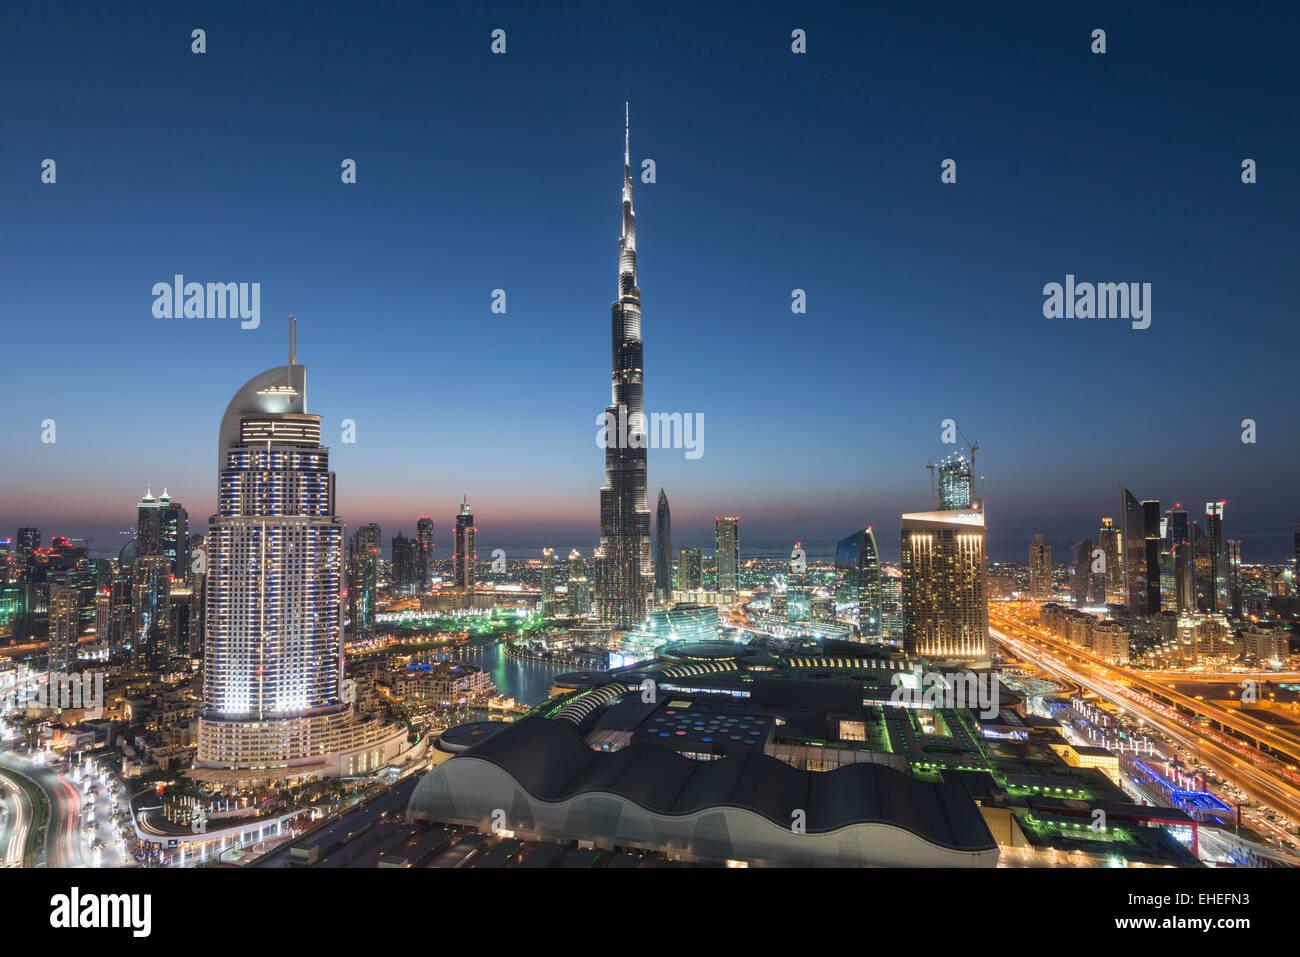 Il Burj Khalifa , il Dubai Mall e lo skyline del centro cittadino di Dubai alla notte in Emirati Arabi Uniti Immagini Stock